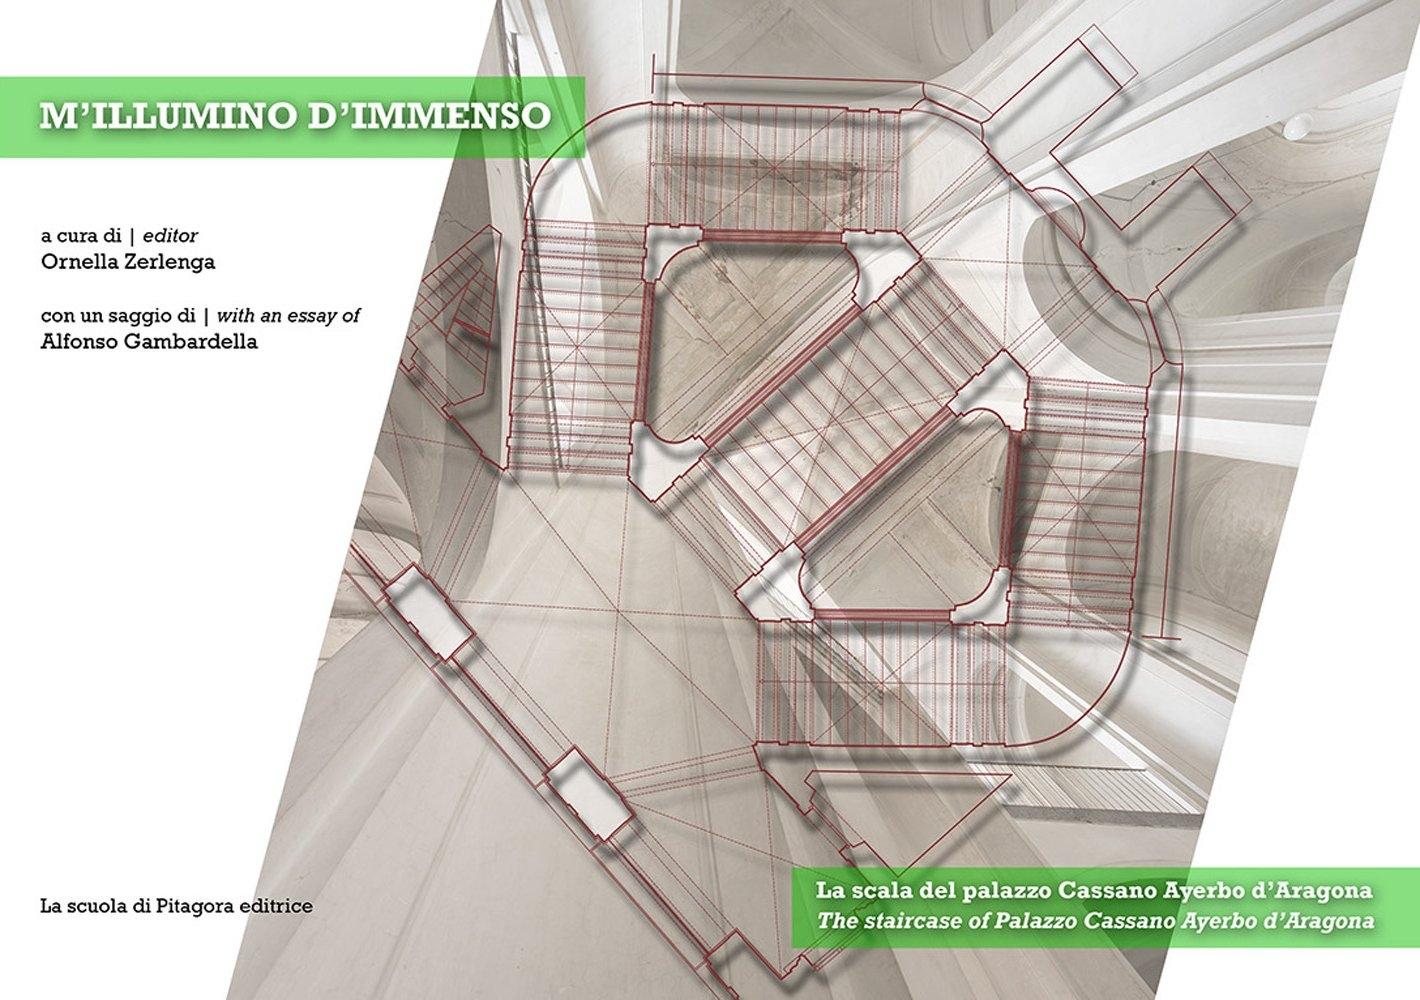 M'illumino d'immenso. La scala del palazzo Cassano Ayerbo d'Aragona.